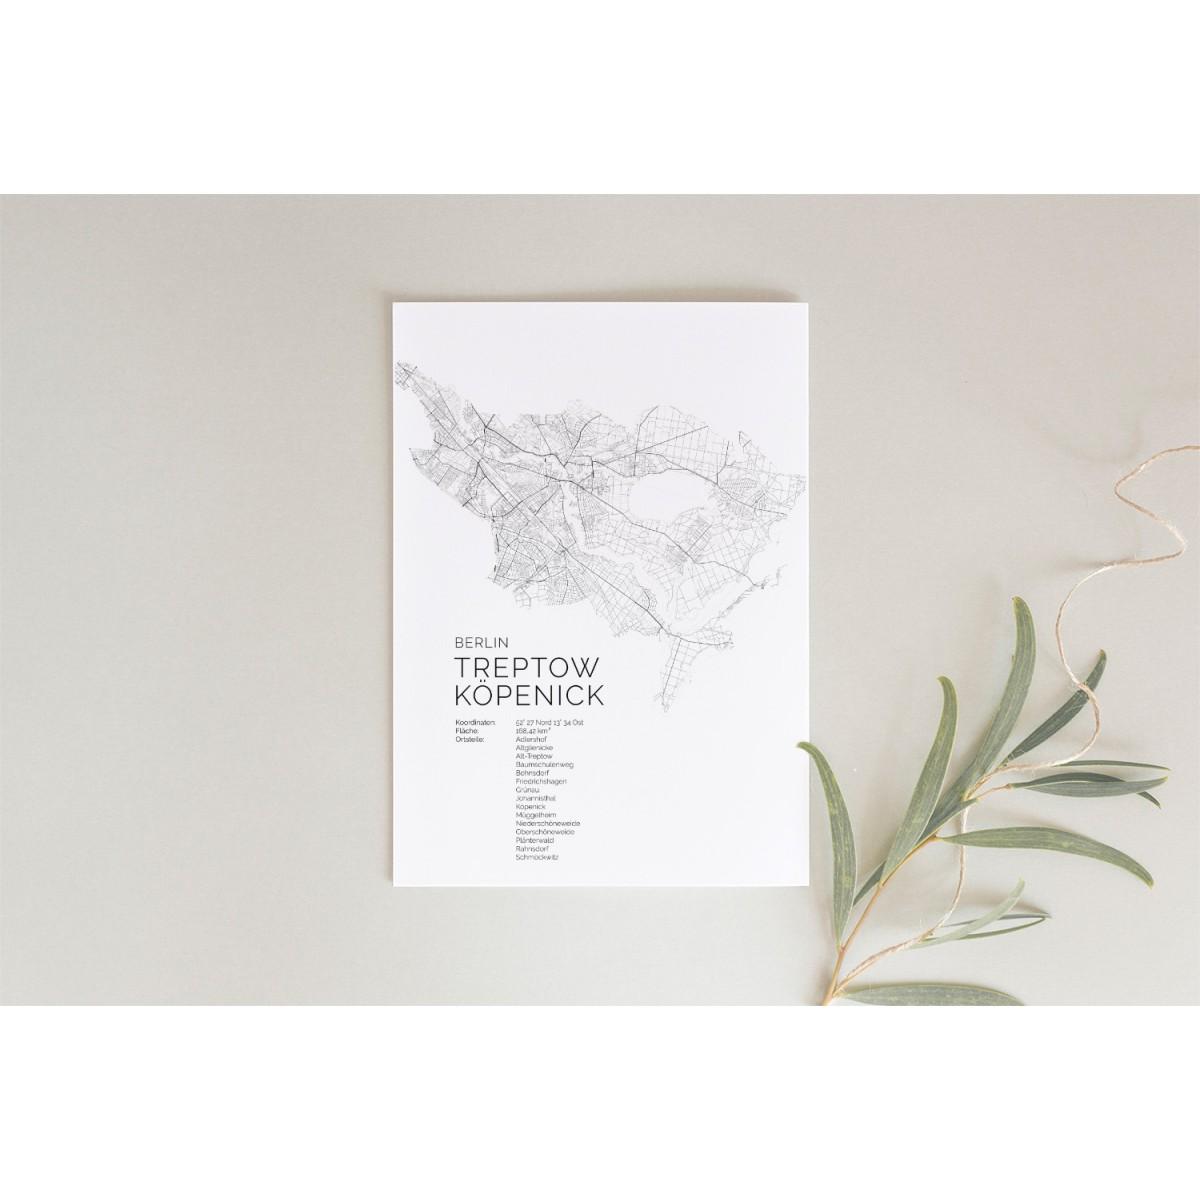 Karte BERLIN Treptow Köpenick als Print im skandinavischen Stil von Skanemarie +++ Geschenkidee zu Weihnachten